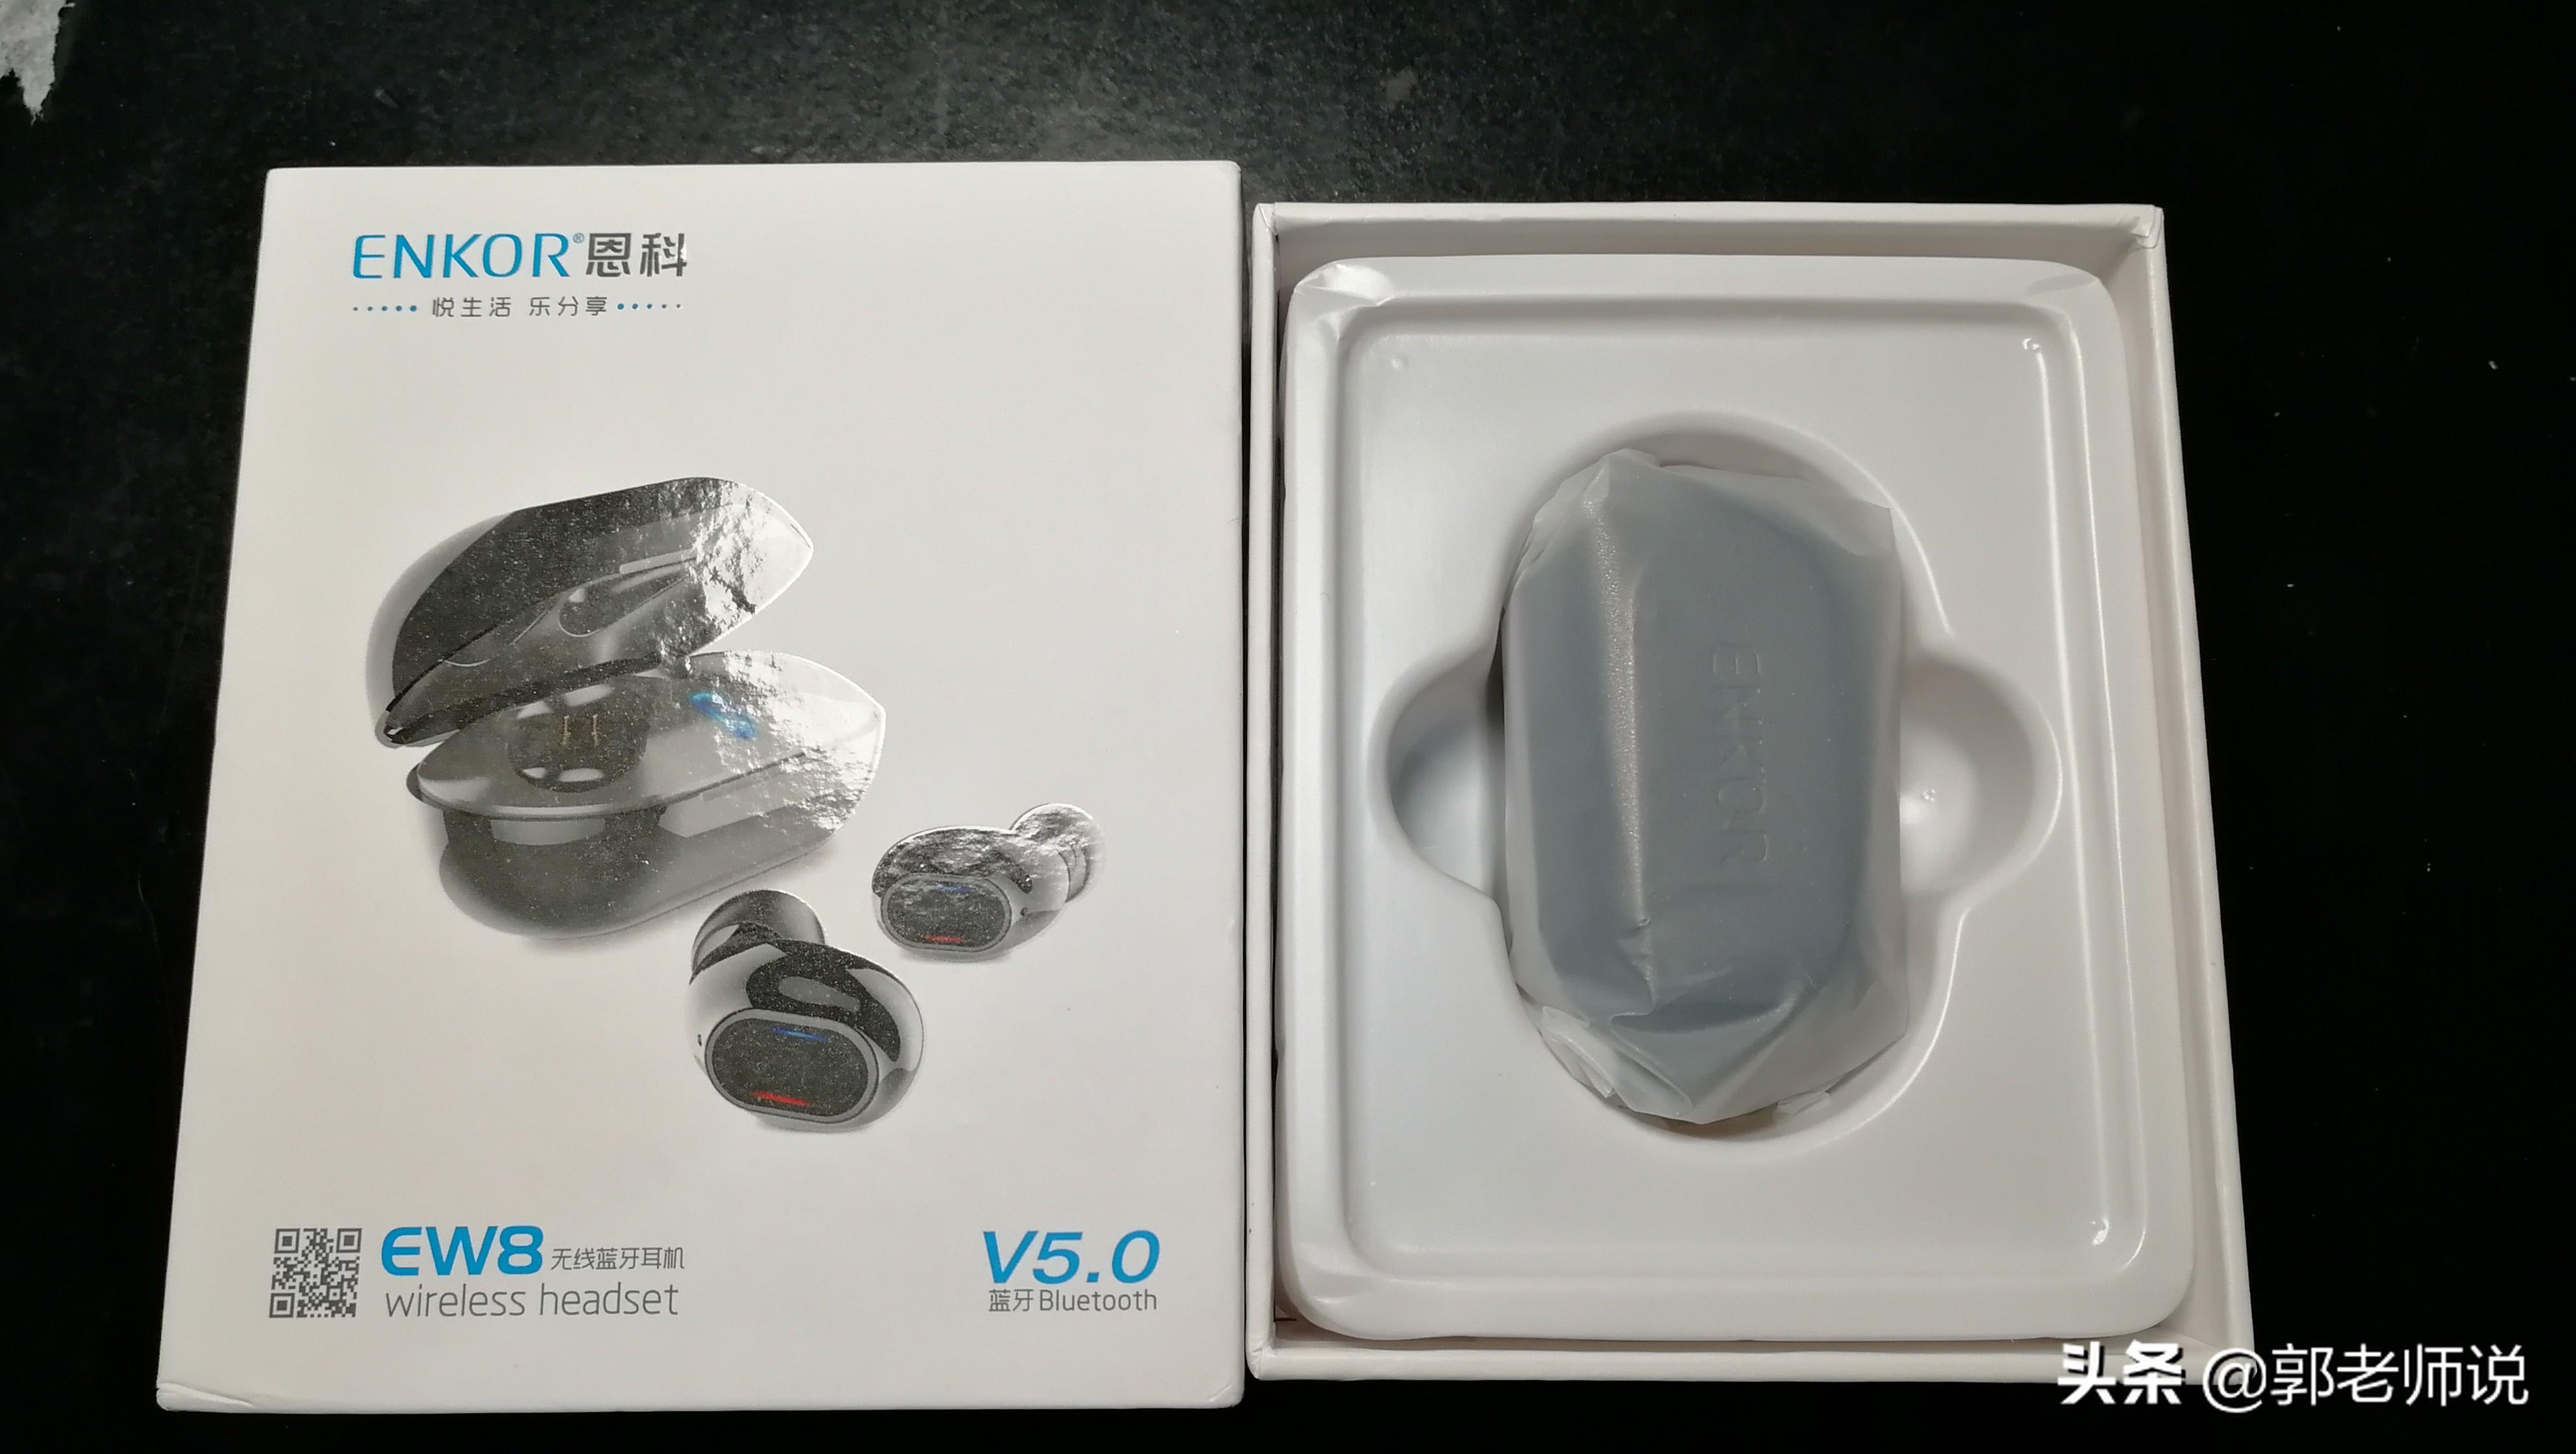 恩科蓝牙耳机怎么样(恩科EW8真无线蓝牙耳机)(4)